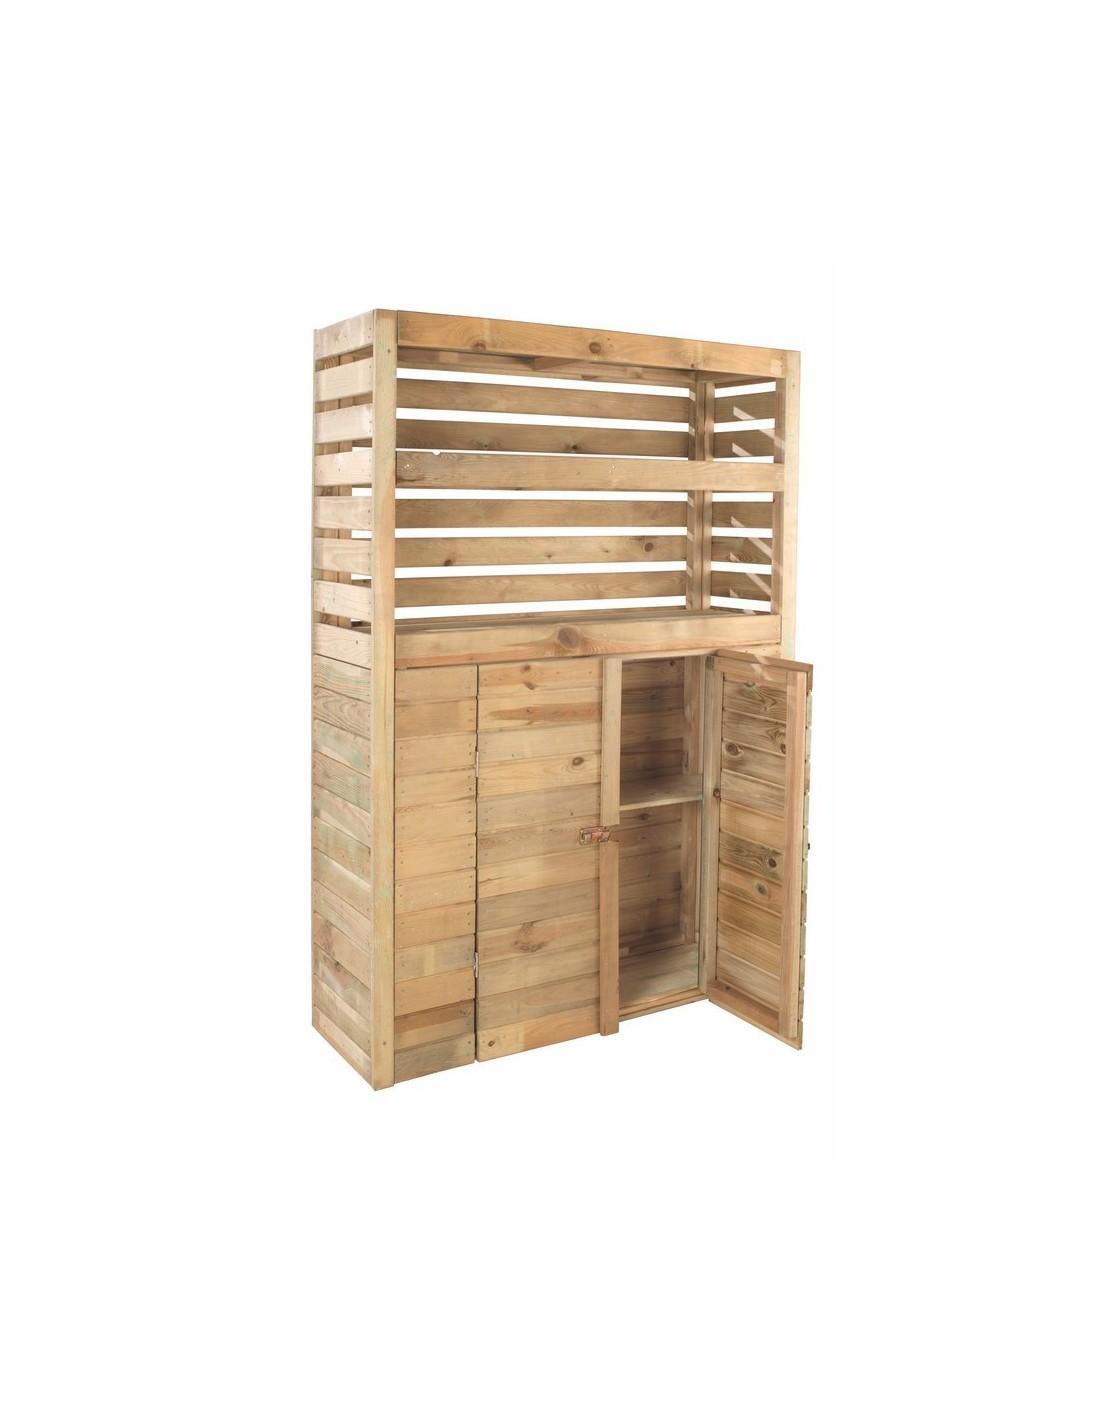 Abri de rangement beli de 0 5 m avec plancher bois for Abri de jardin traite autoclave avec plancher